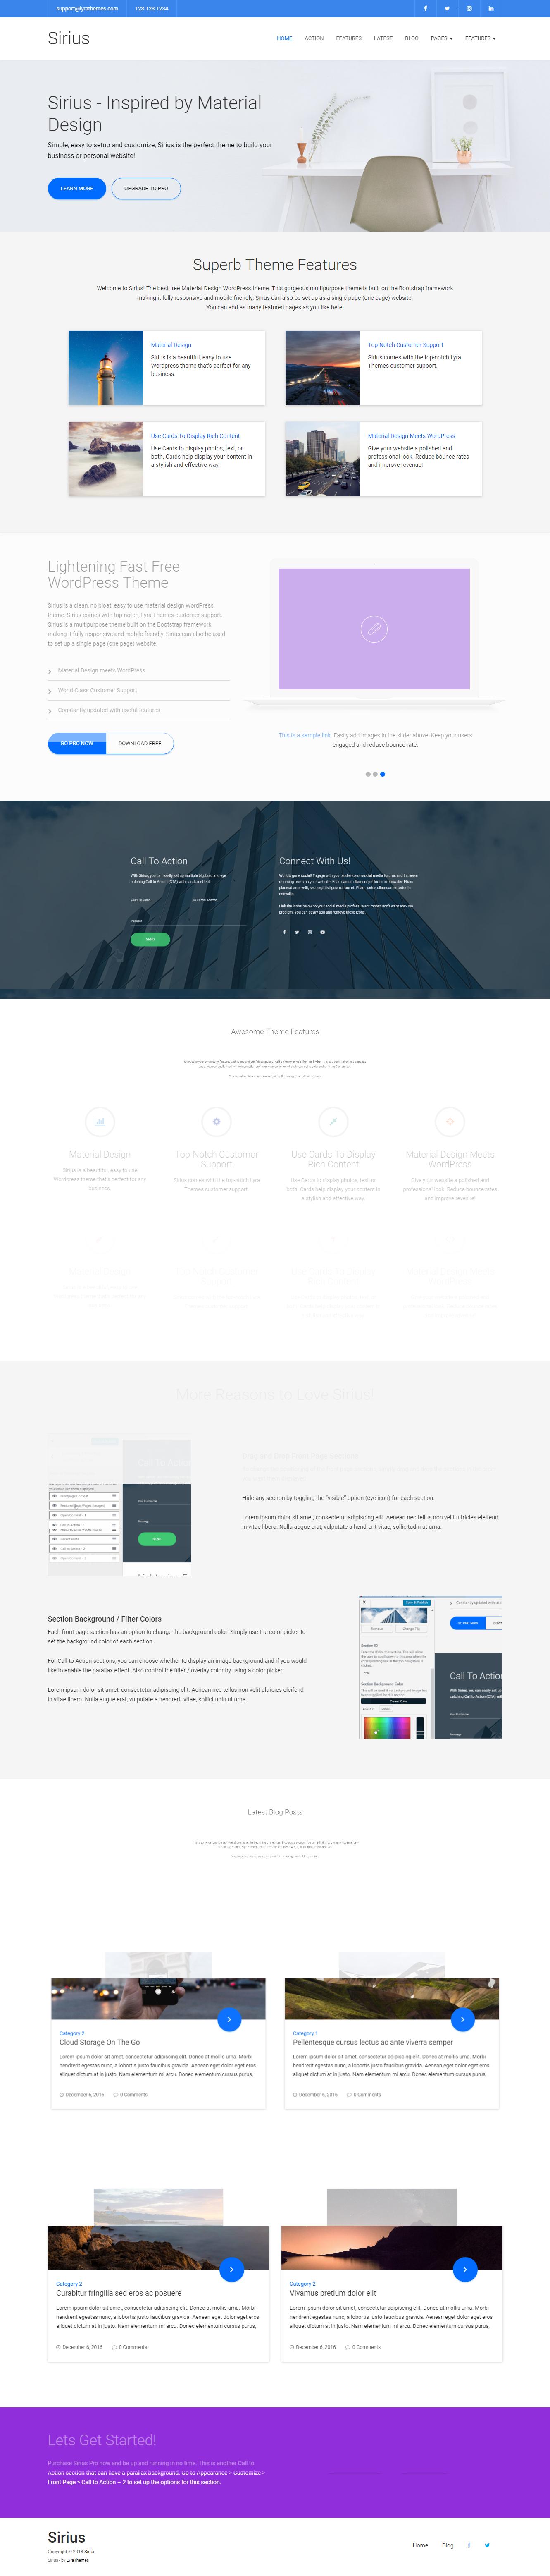 Sirius Lite: el mejor tema de WordPress para diseño de materiales gratuito